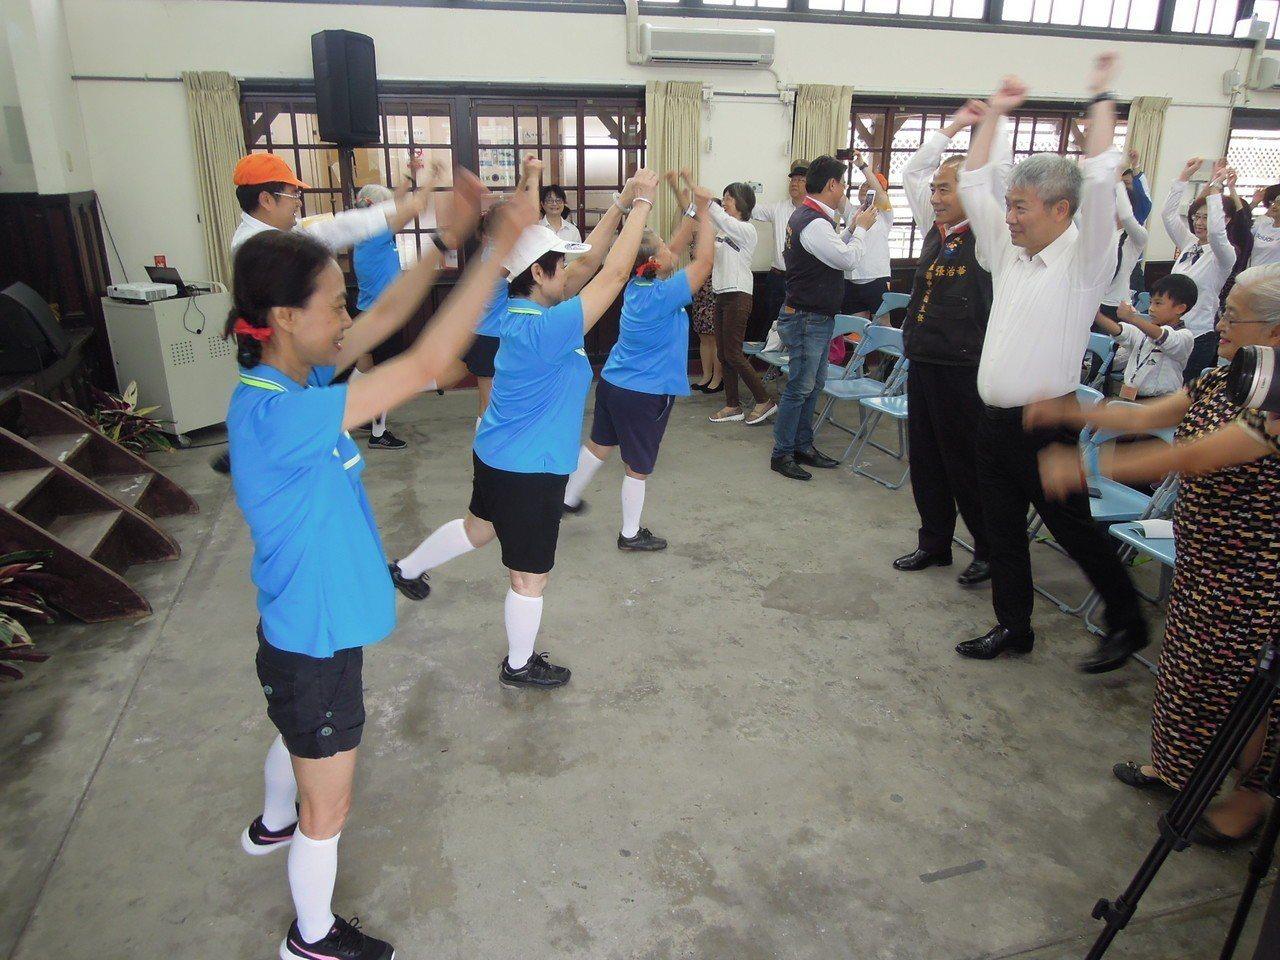 「為什麼爸爸媽媽都會跳?」早操喚起了大家的童年回憶,小朋友也跟著一起揮舞擺動。(...